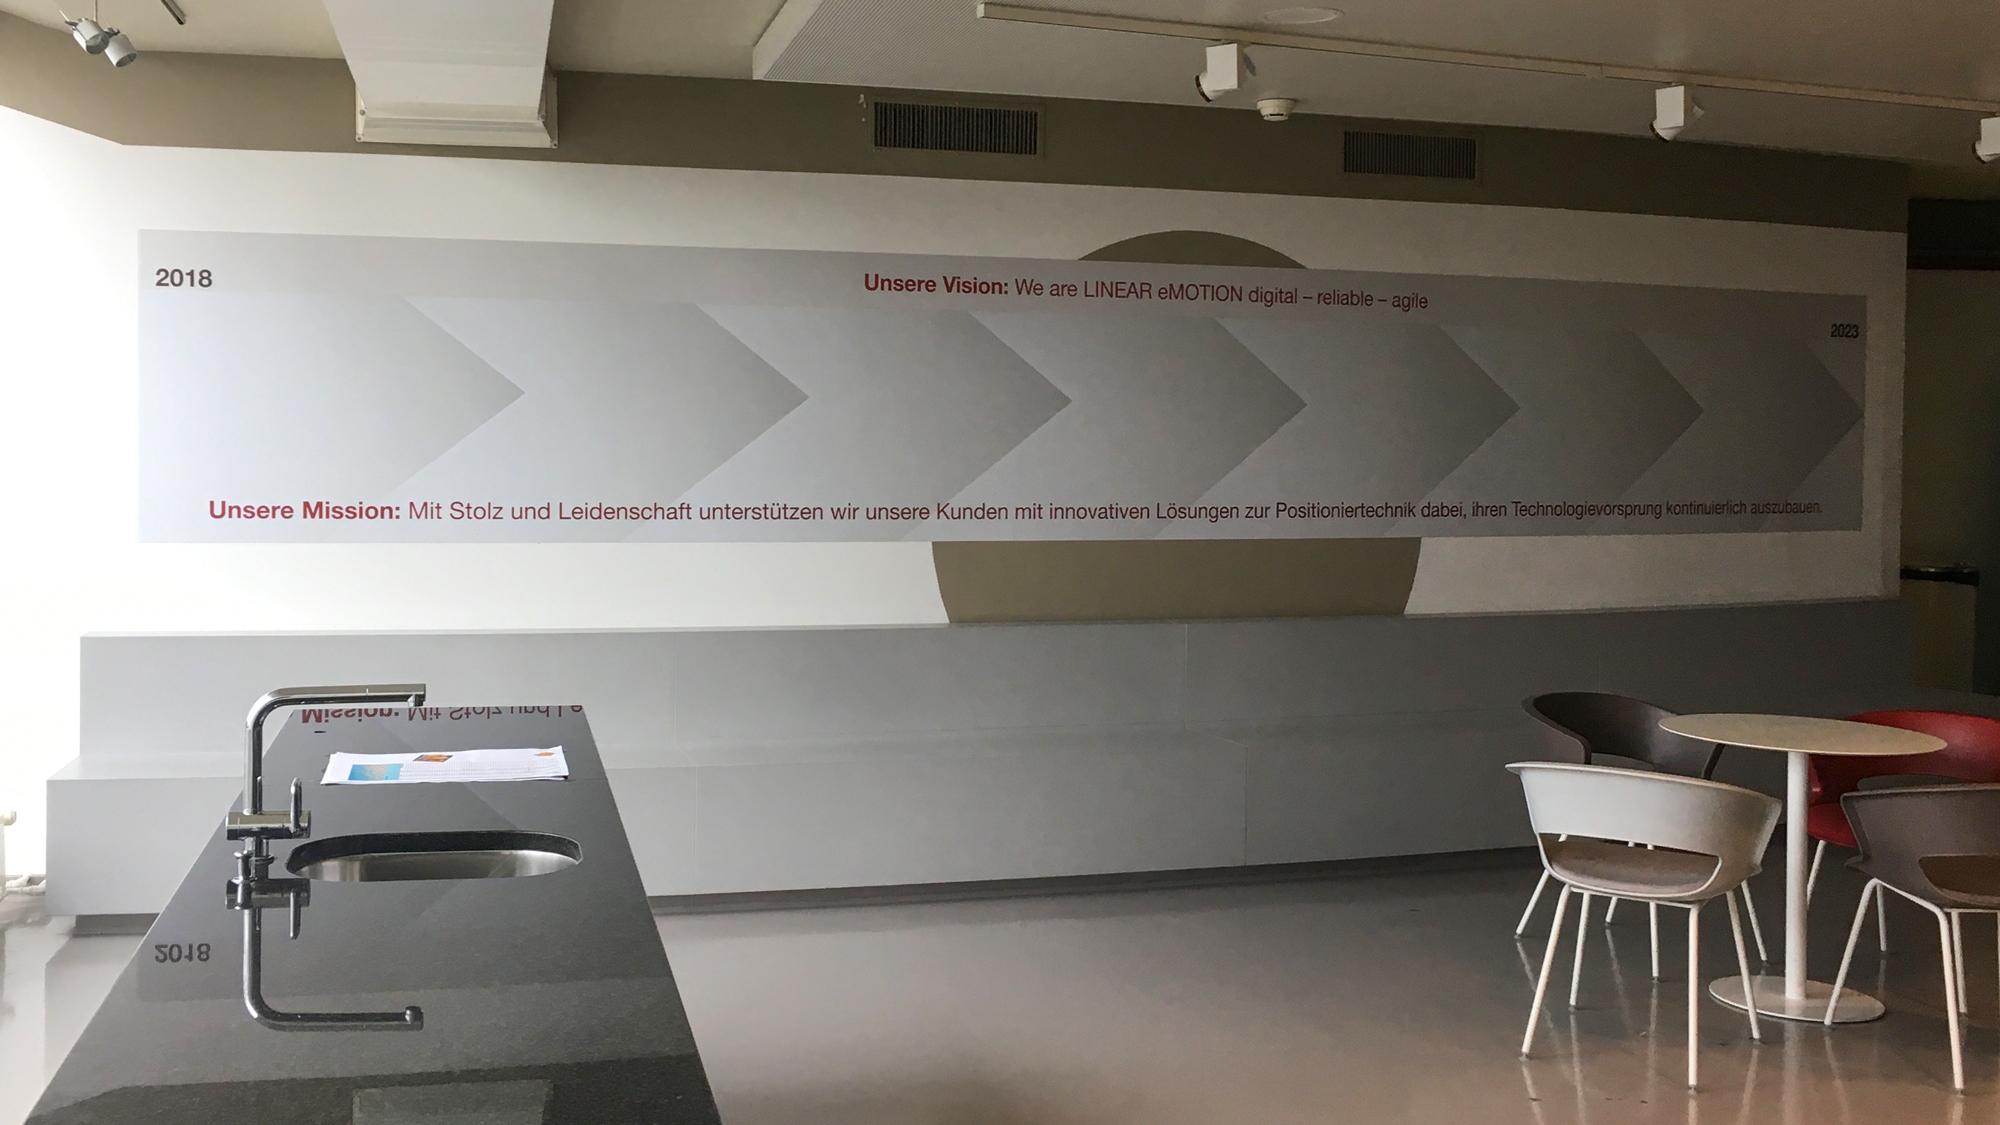 Magentfolie direkt auf die Wand geklebt